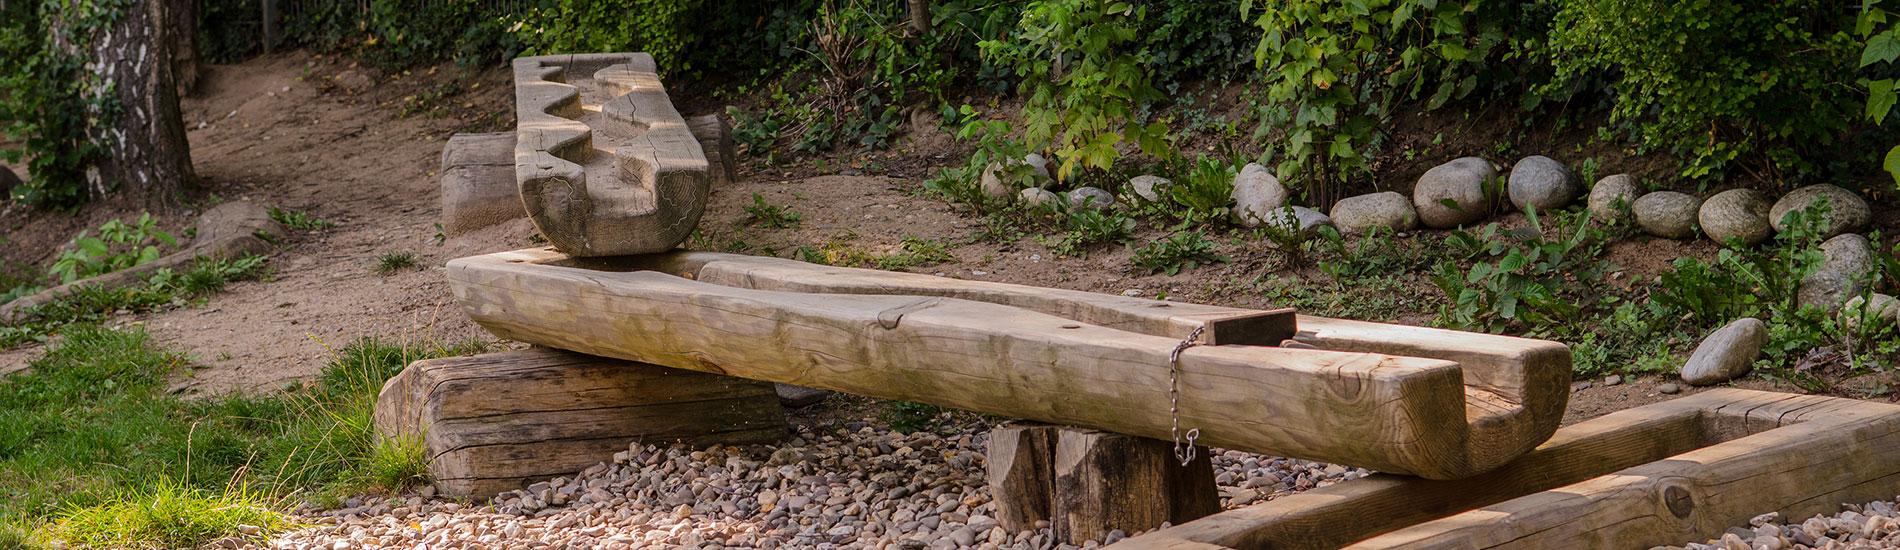 Carrusel-Slider-Wasserbahn